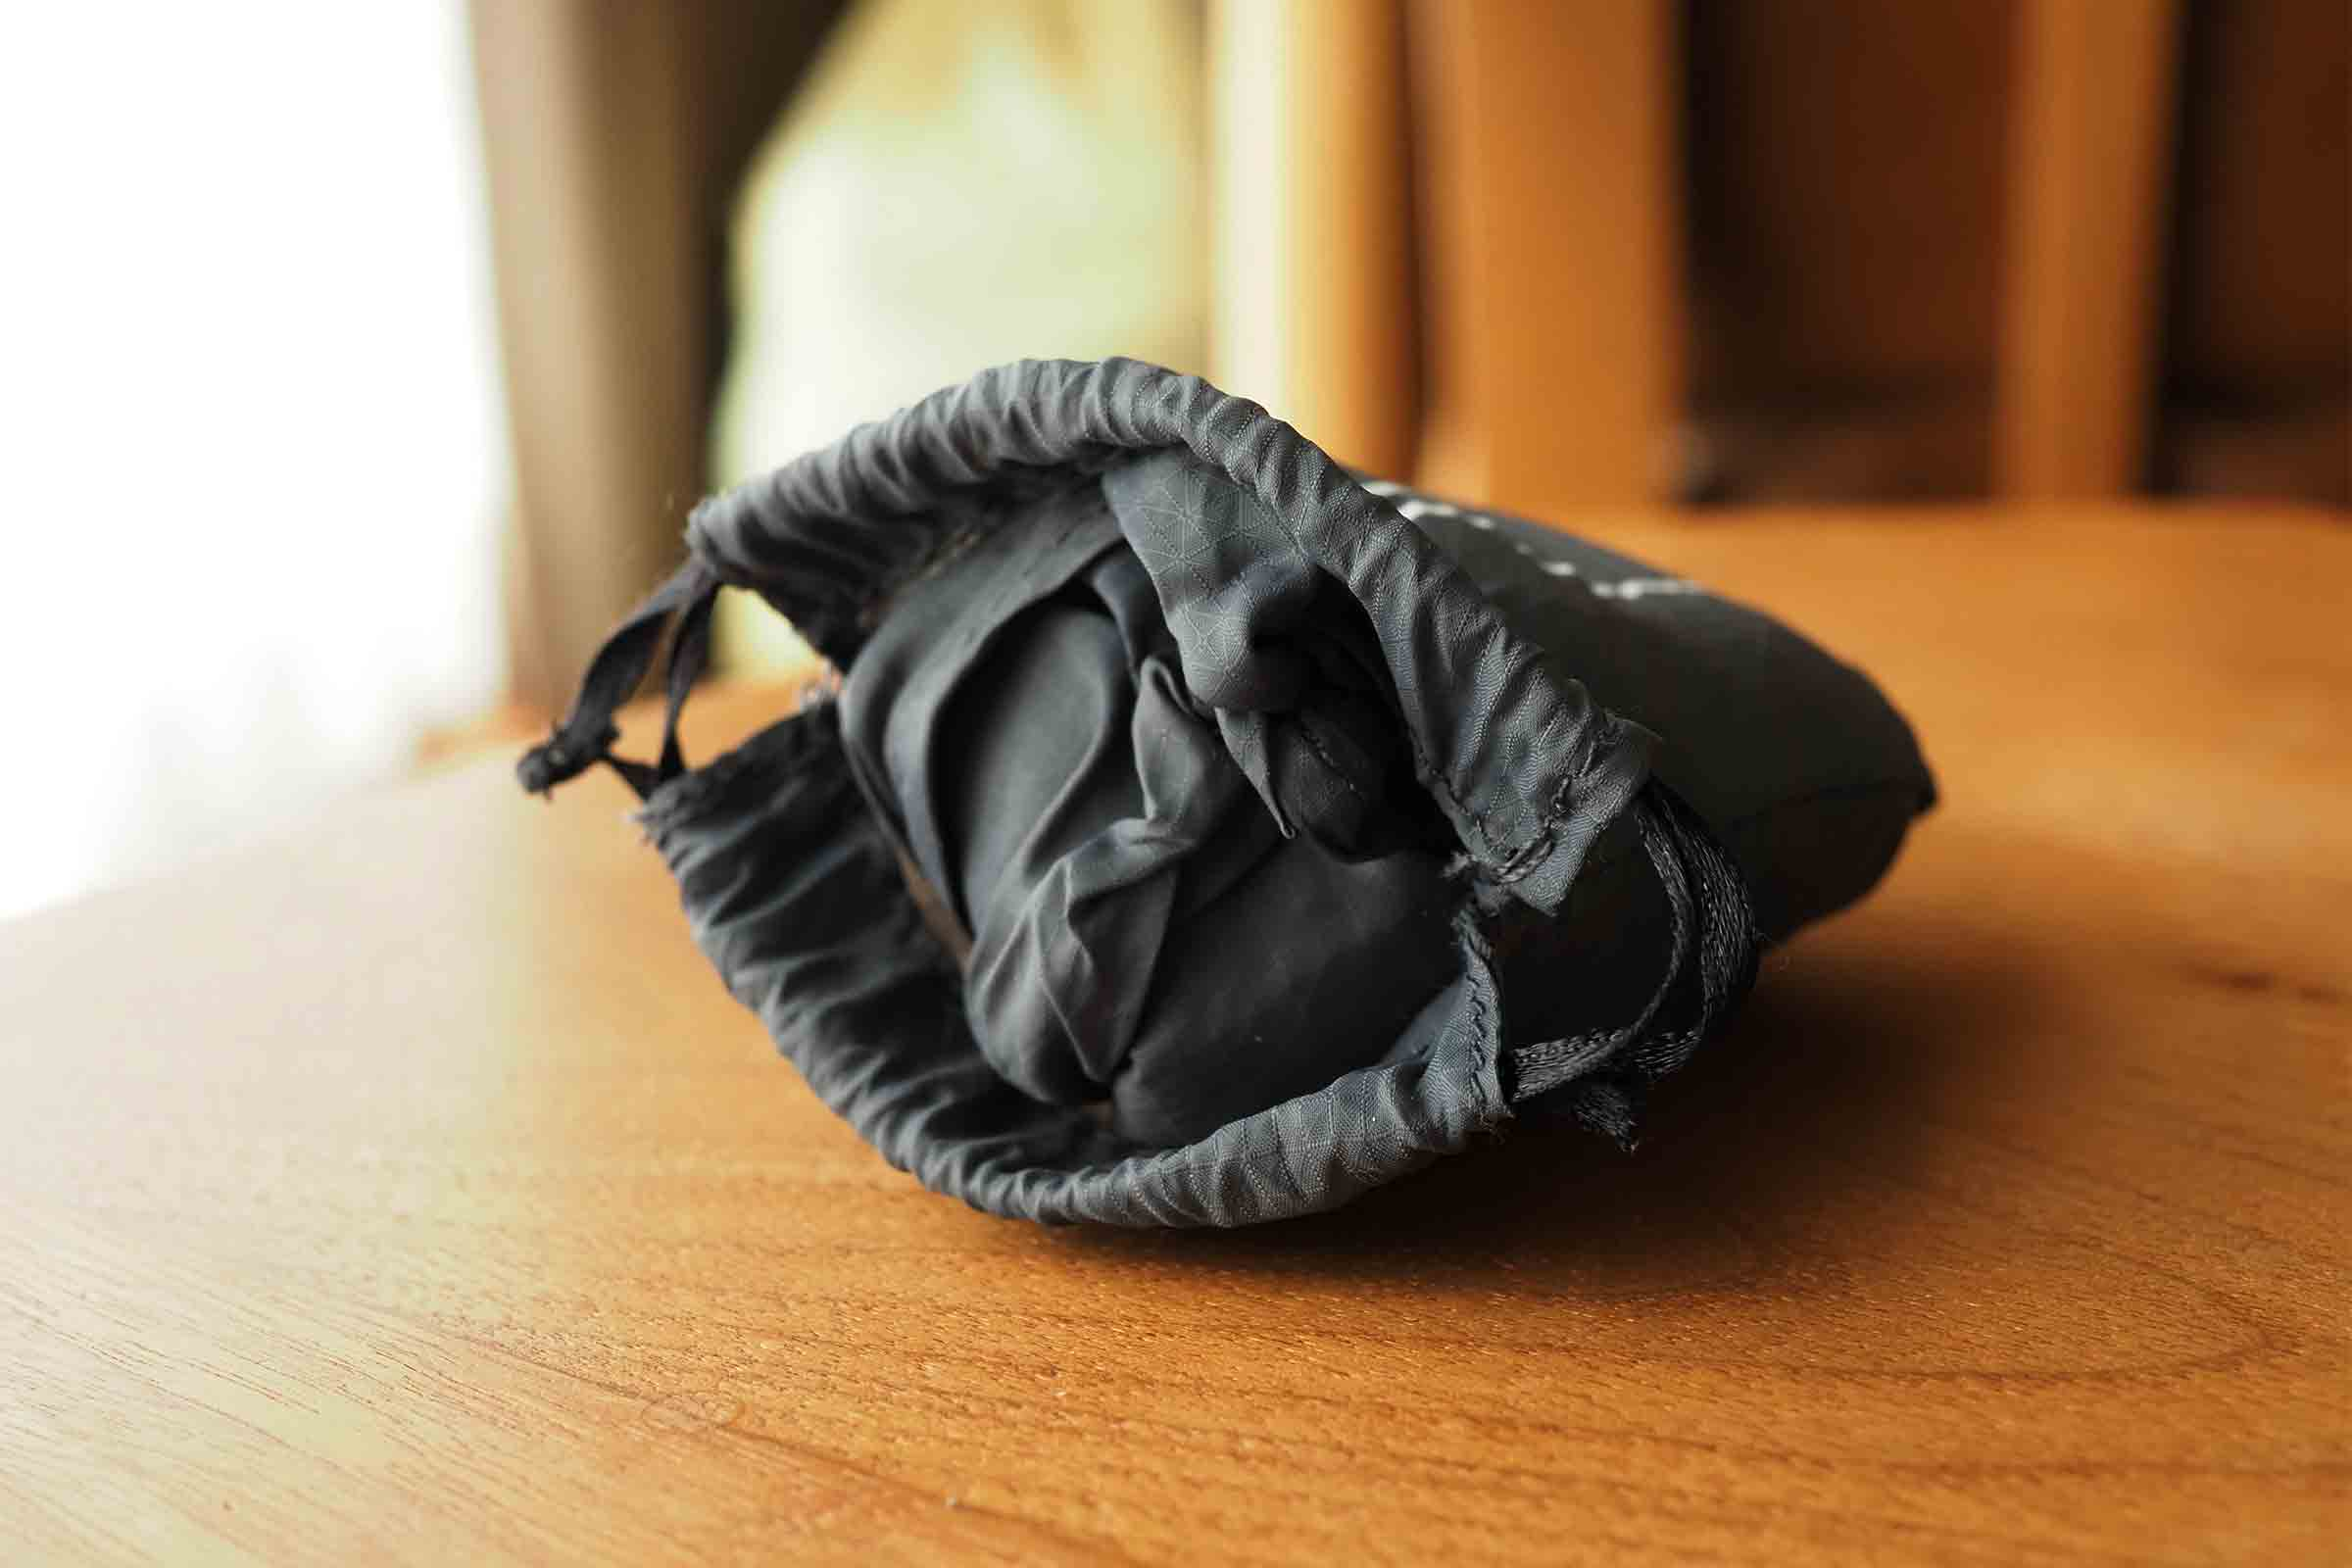 エコバッグ,nano bag,小さい,コンパクト,軽い,お洒落,簡単